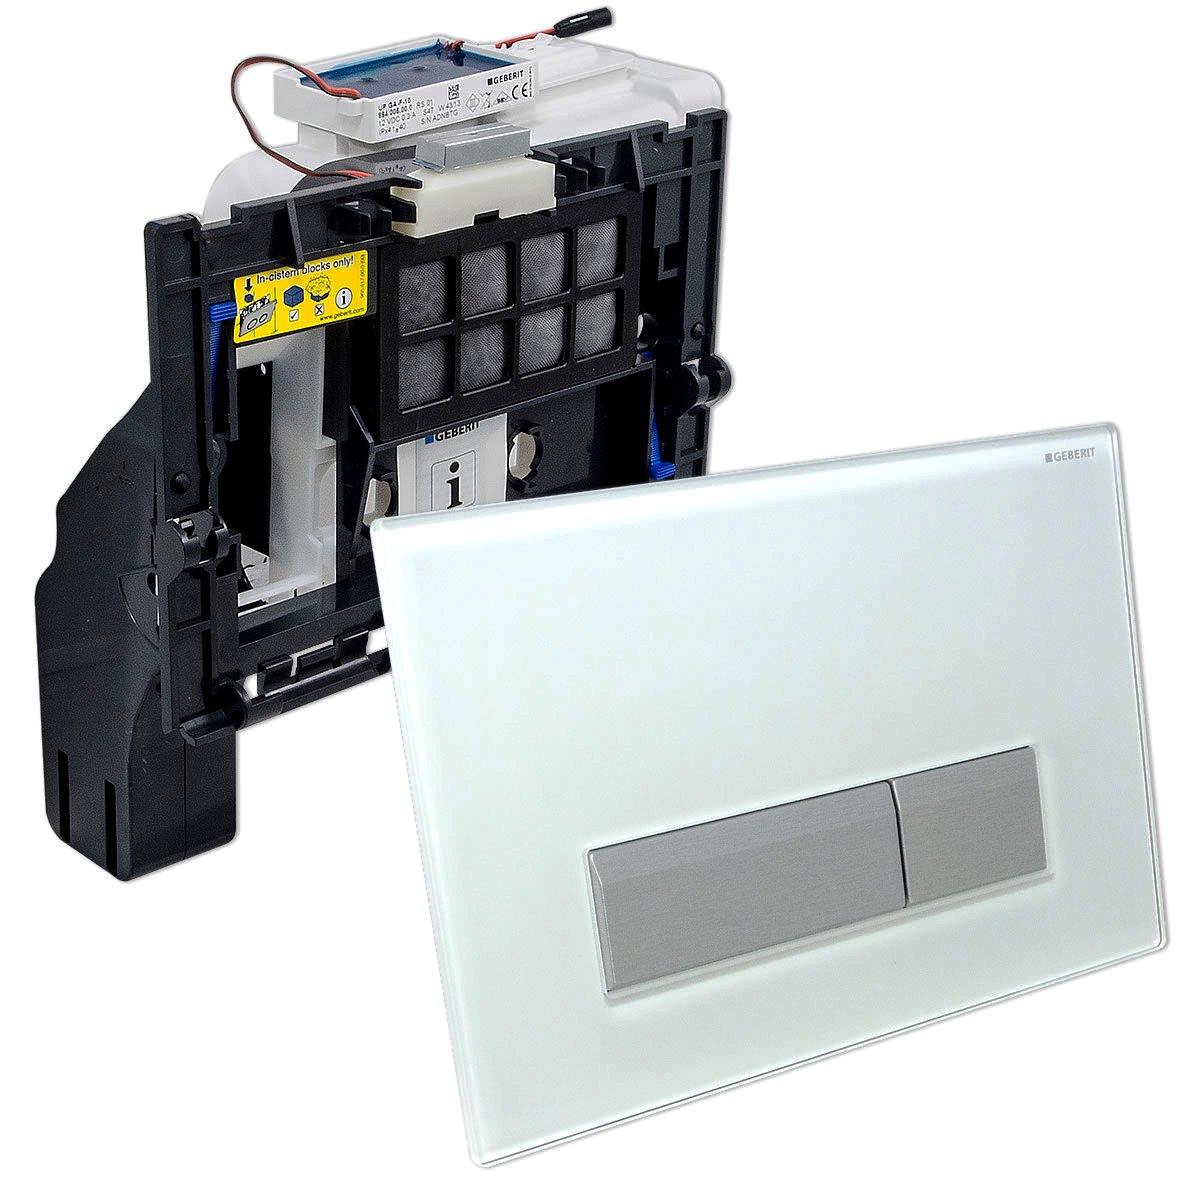 Общий вид клавиши Sigma 40 для системы Geberit DuoFresh. Один из нескольких вариантов дизайна внешней панели